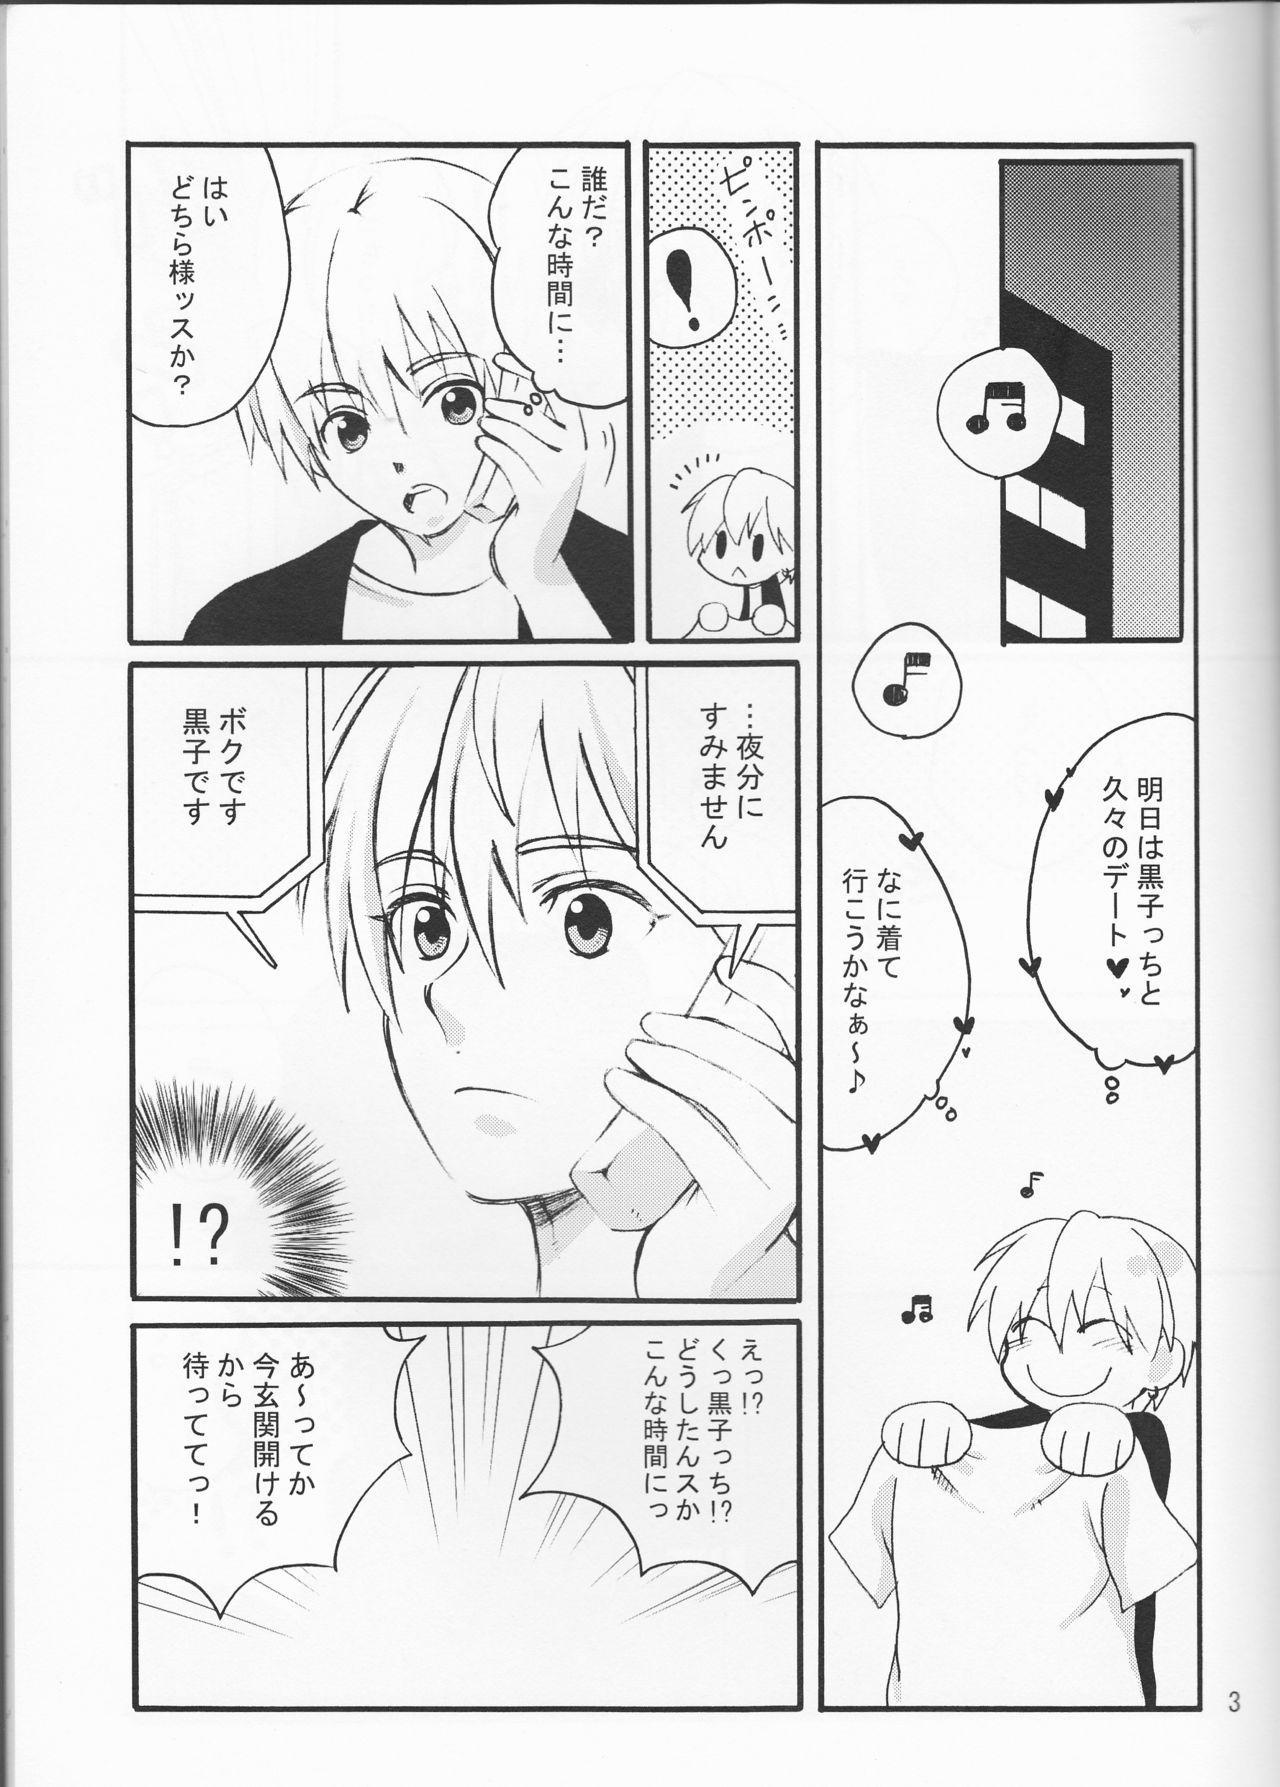 Ore no Kurokocchi ga Onnanoko ni Nacchattassu! 2